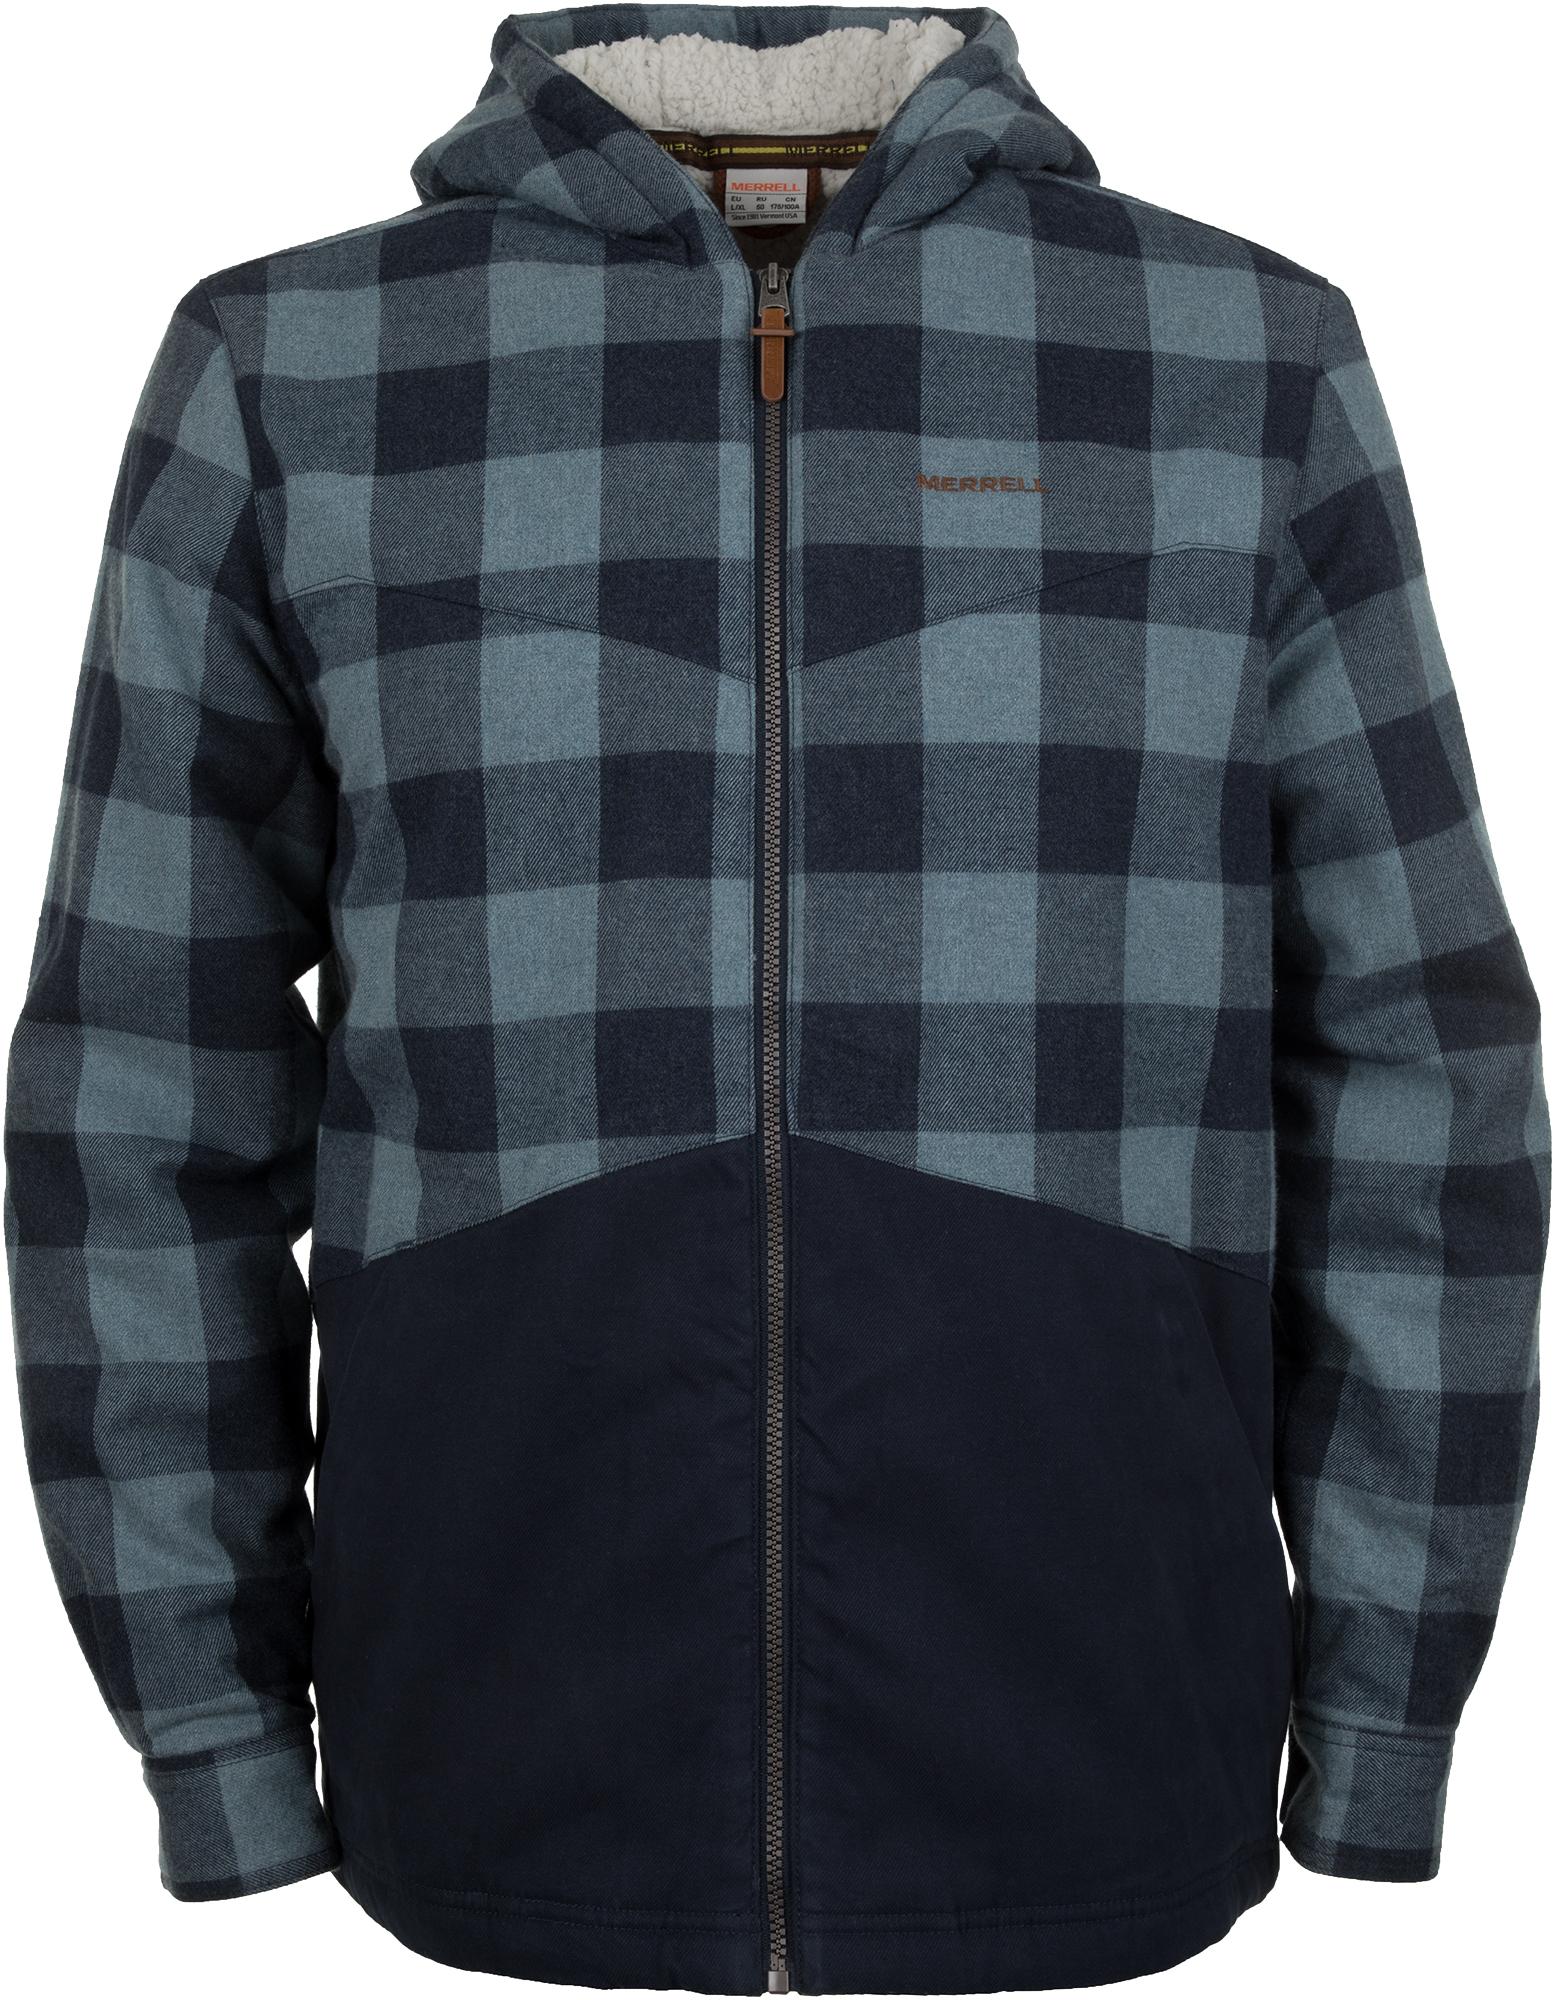 Merrell Рубашка с длинным рукавом мужская Merrell, размер 52 цены онлайн